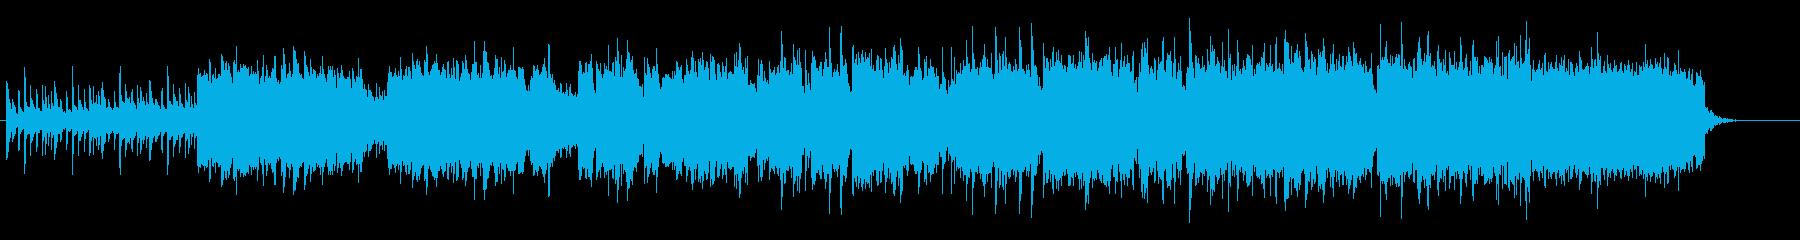 和楽器を使った日本のオリジナル曲の再生済みの波形